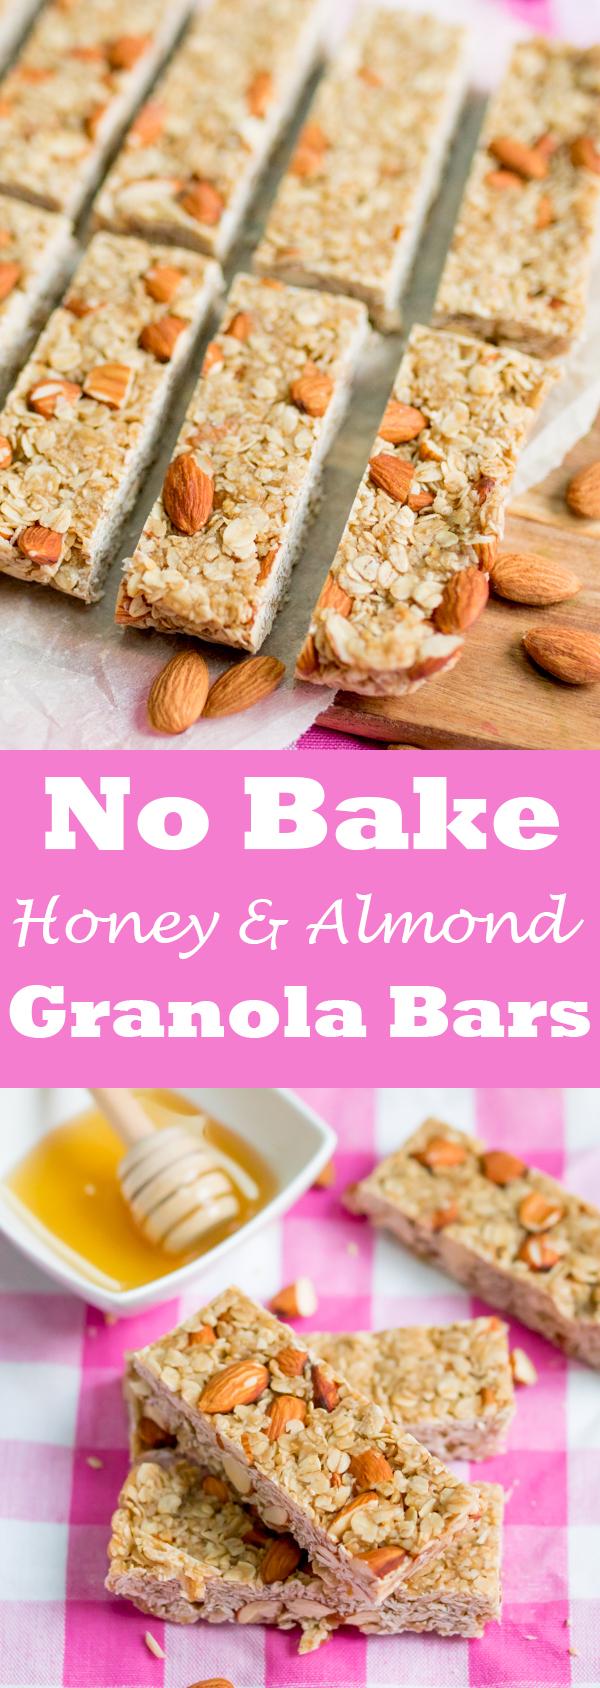 no bake honey granola bars pin